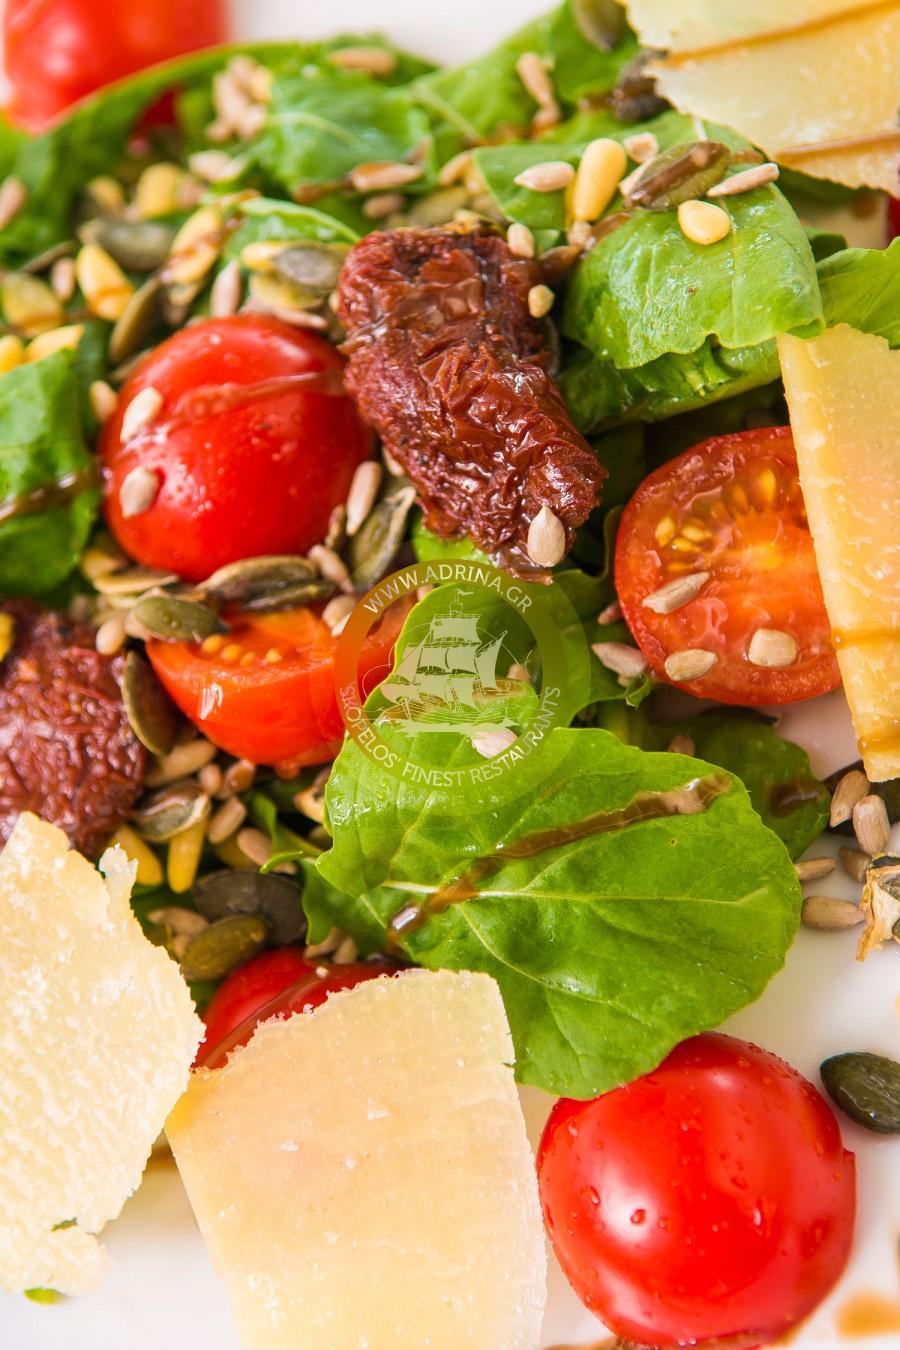 Adrina salad